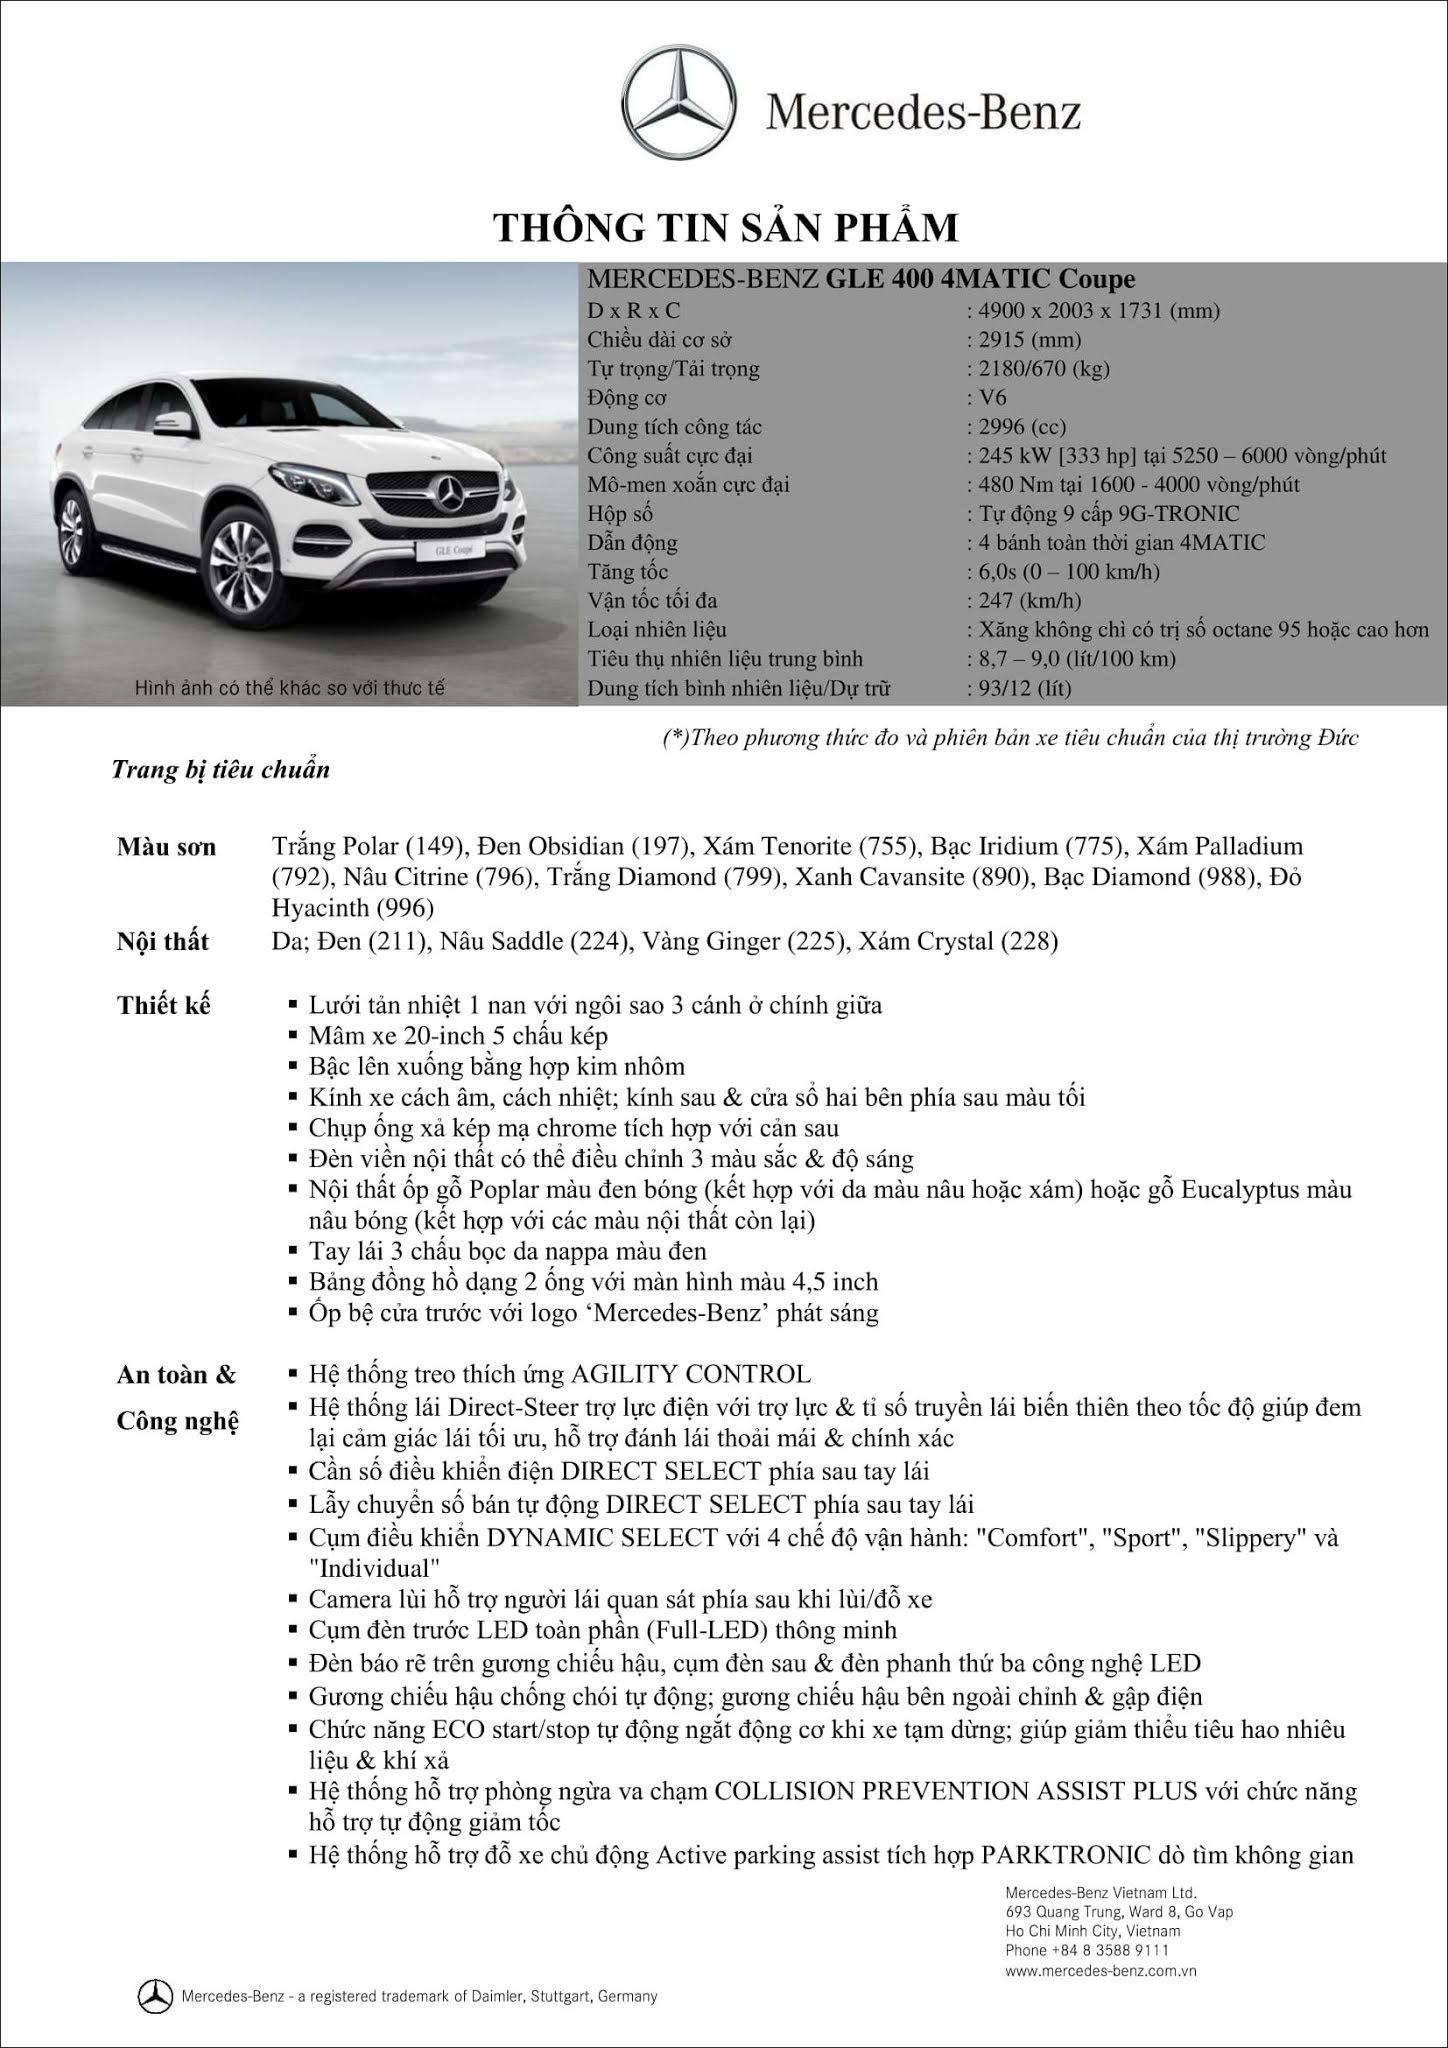 Bảng thông số kỹ thuật Mercedes GLE 400 4MATIC Coupe 2019